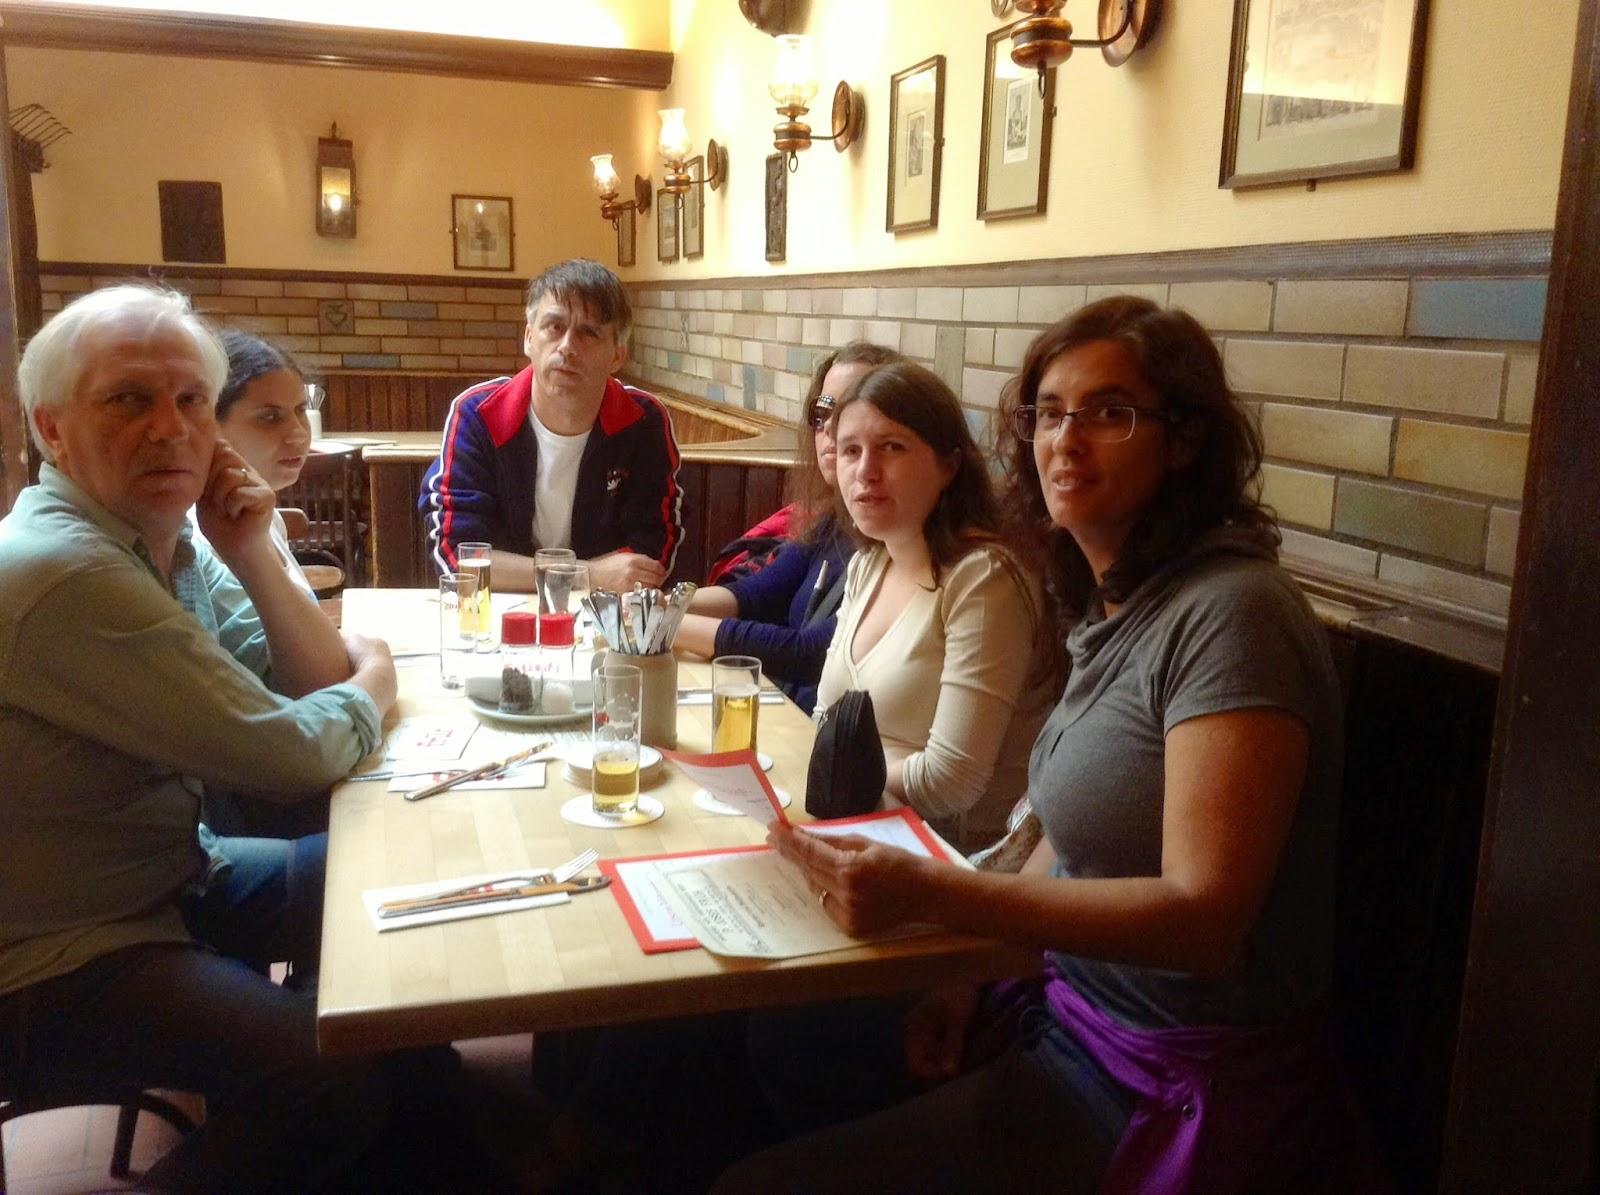 Fotografia dos participantes no restaurante Führ, em Colonia